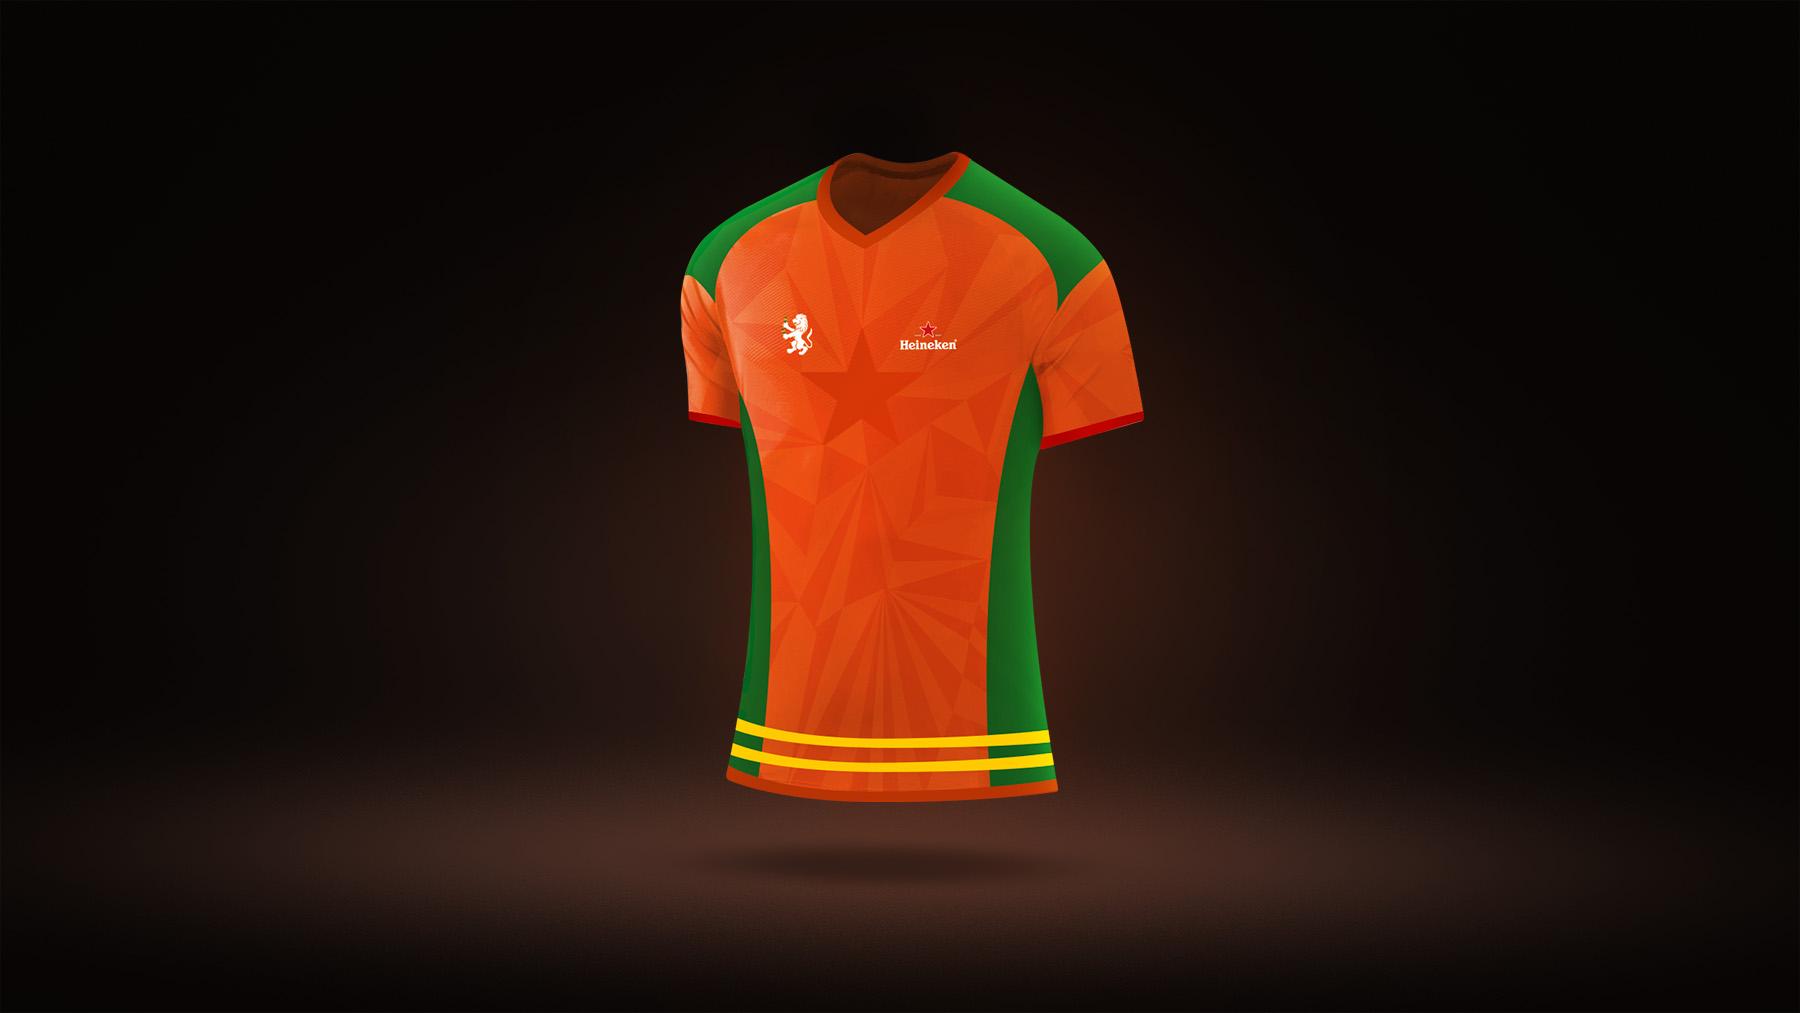 041714_Heineken_Sambashirt_1